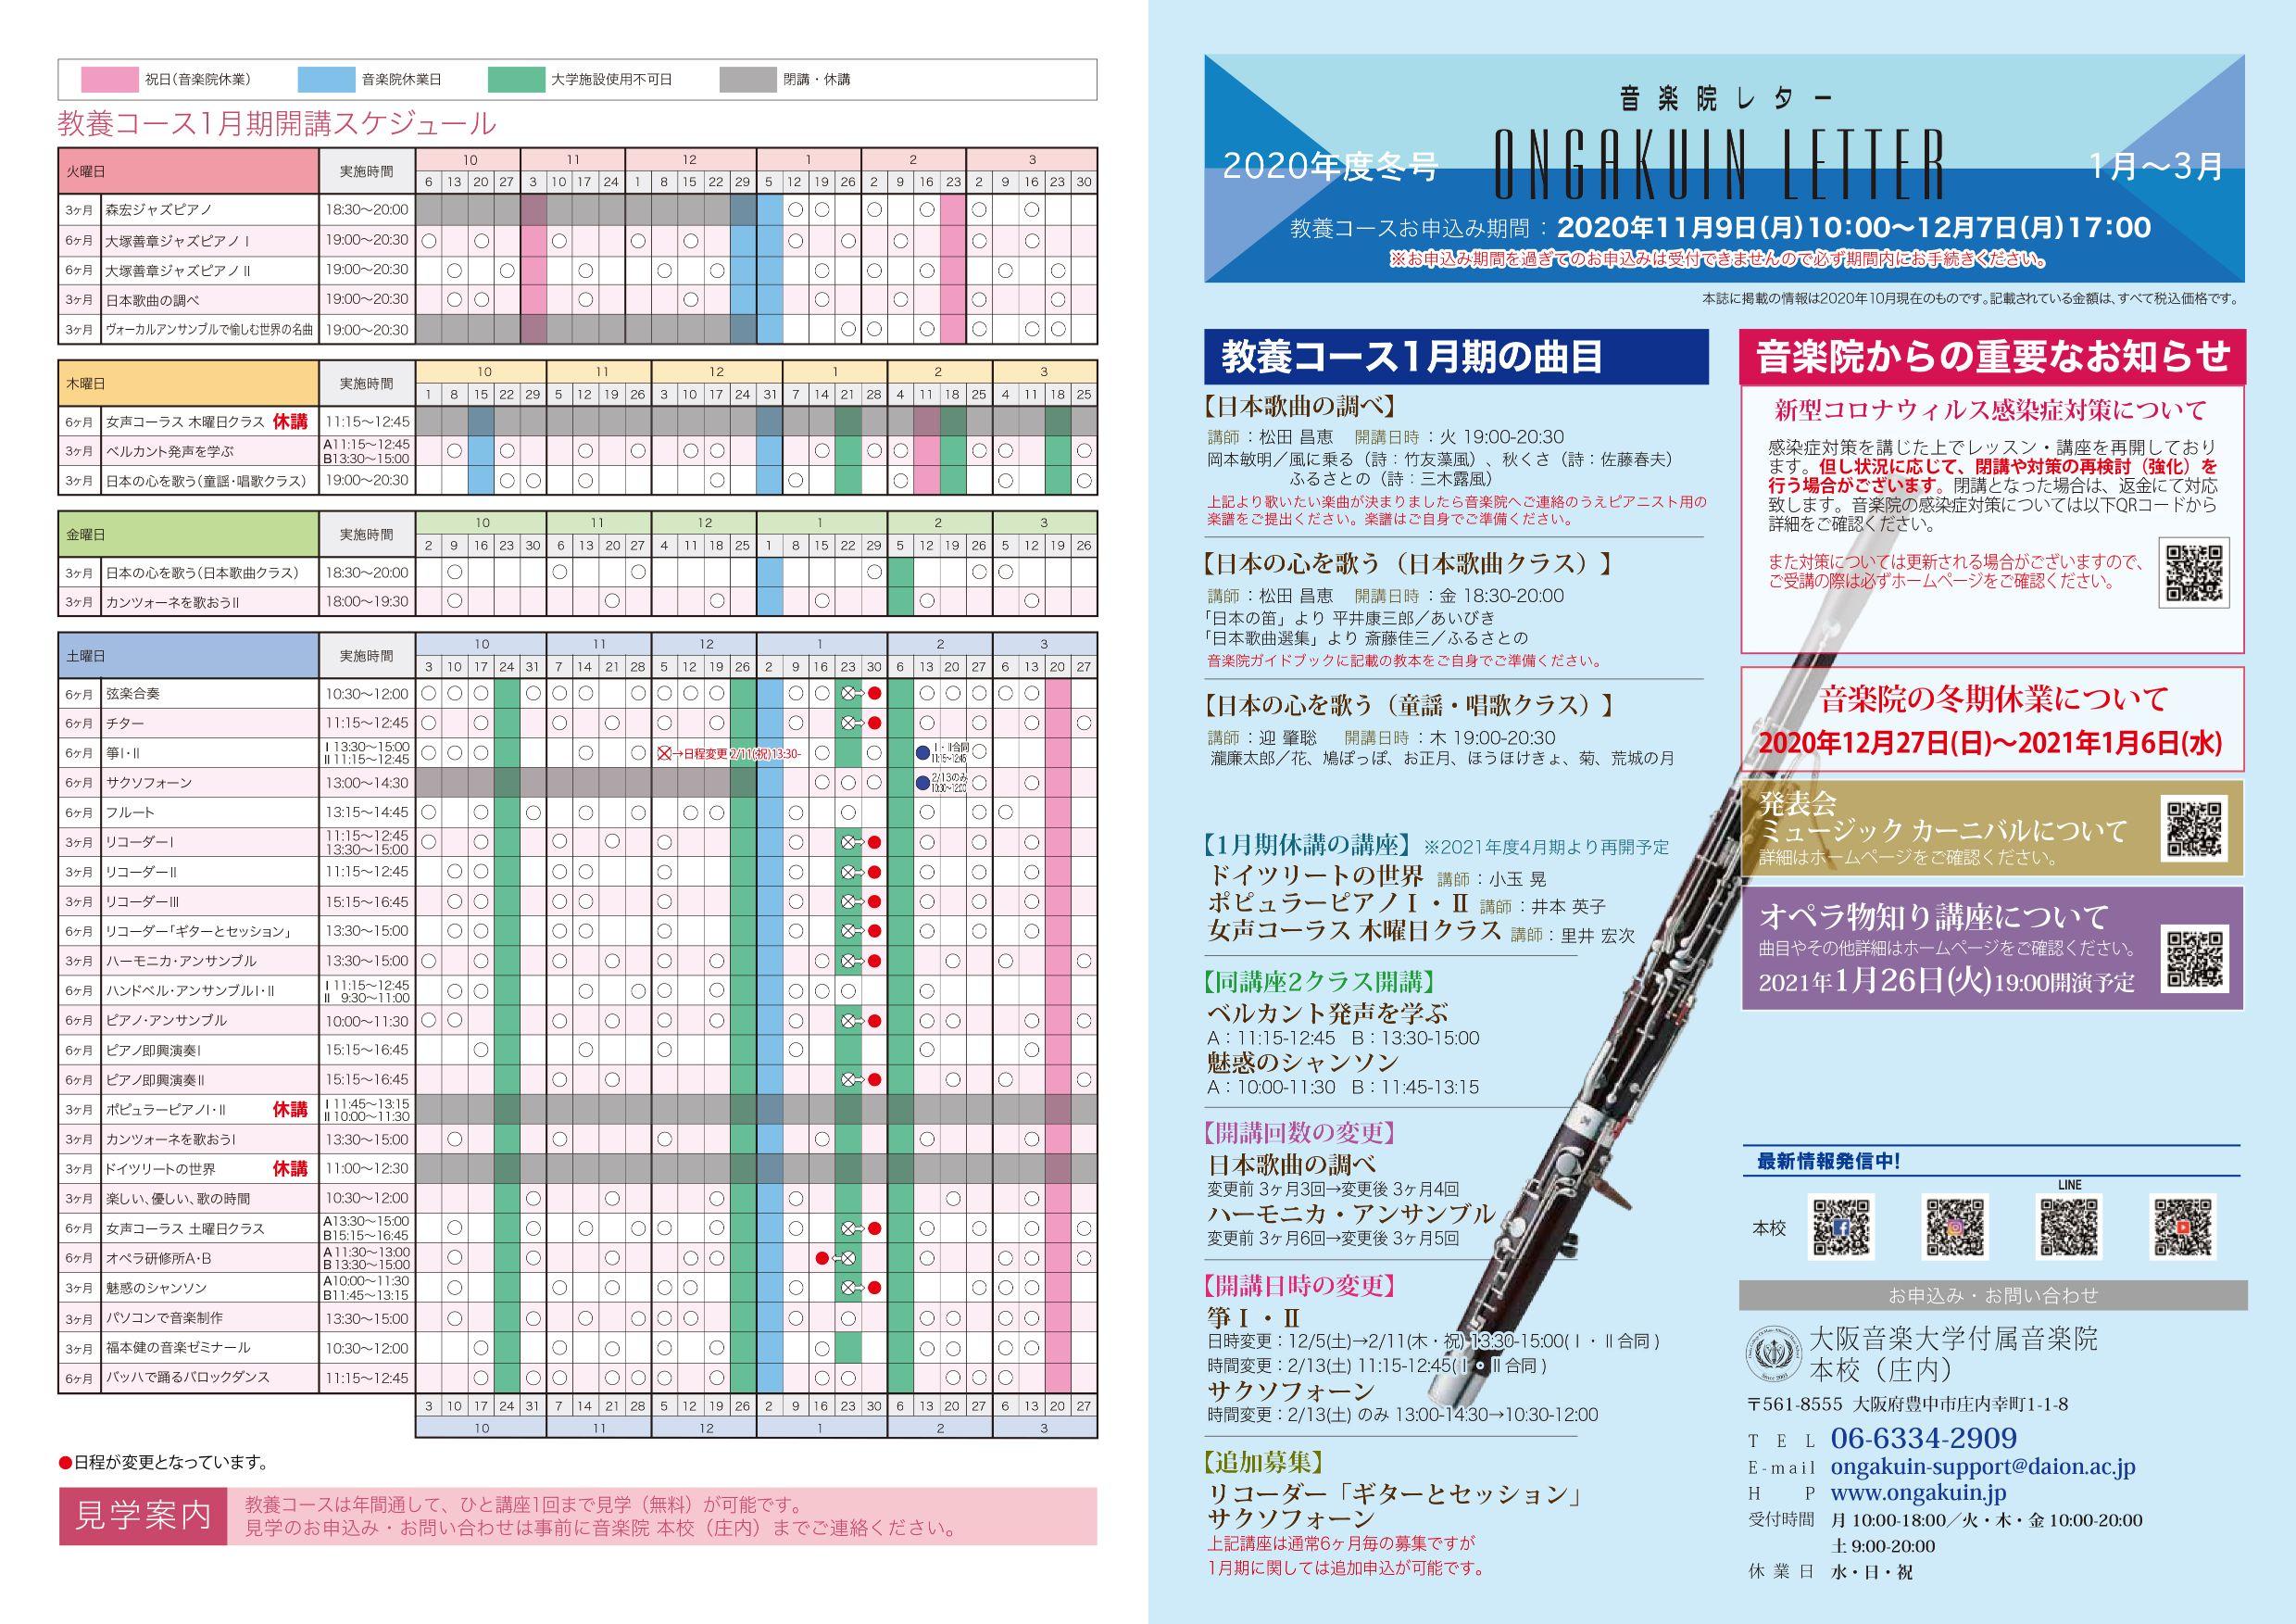 2020年度1月期音楽院レター